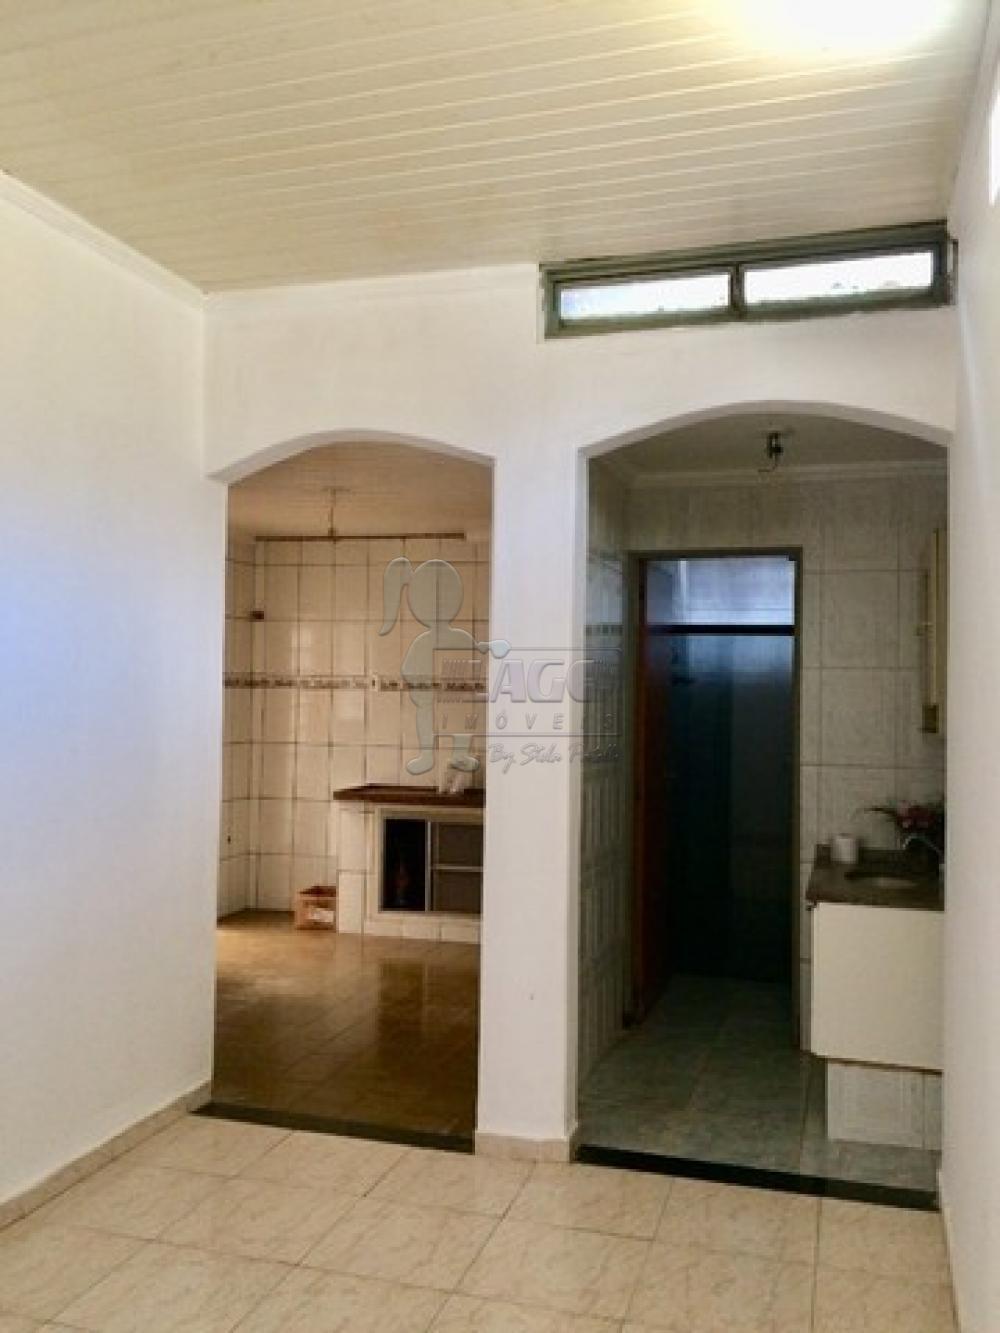 Comprar Casas / Padrão em Ribeirão Preto R$ 180.000,00 - Foto 12